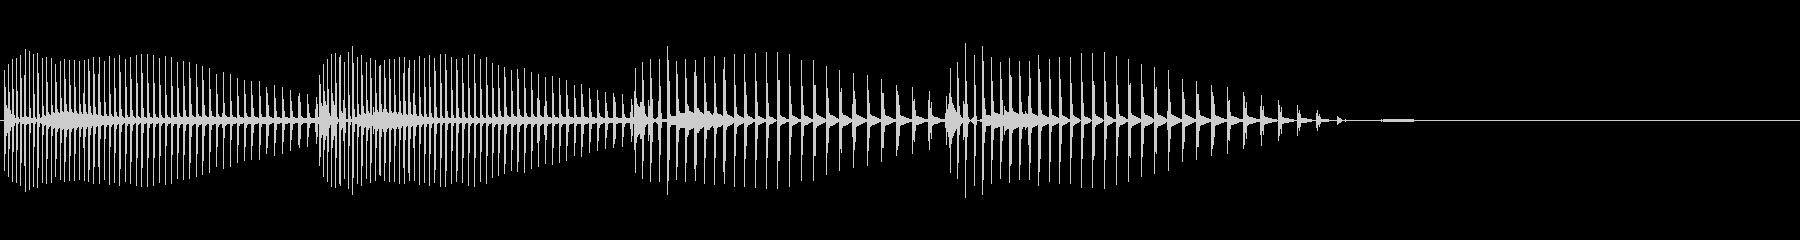 可愛らしいダメージ音 誤回答の未再生の波形